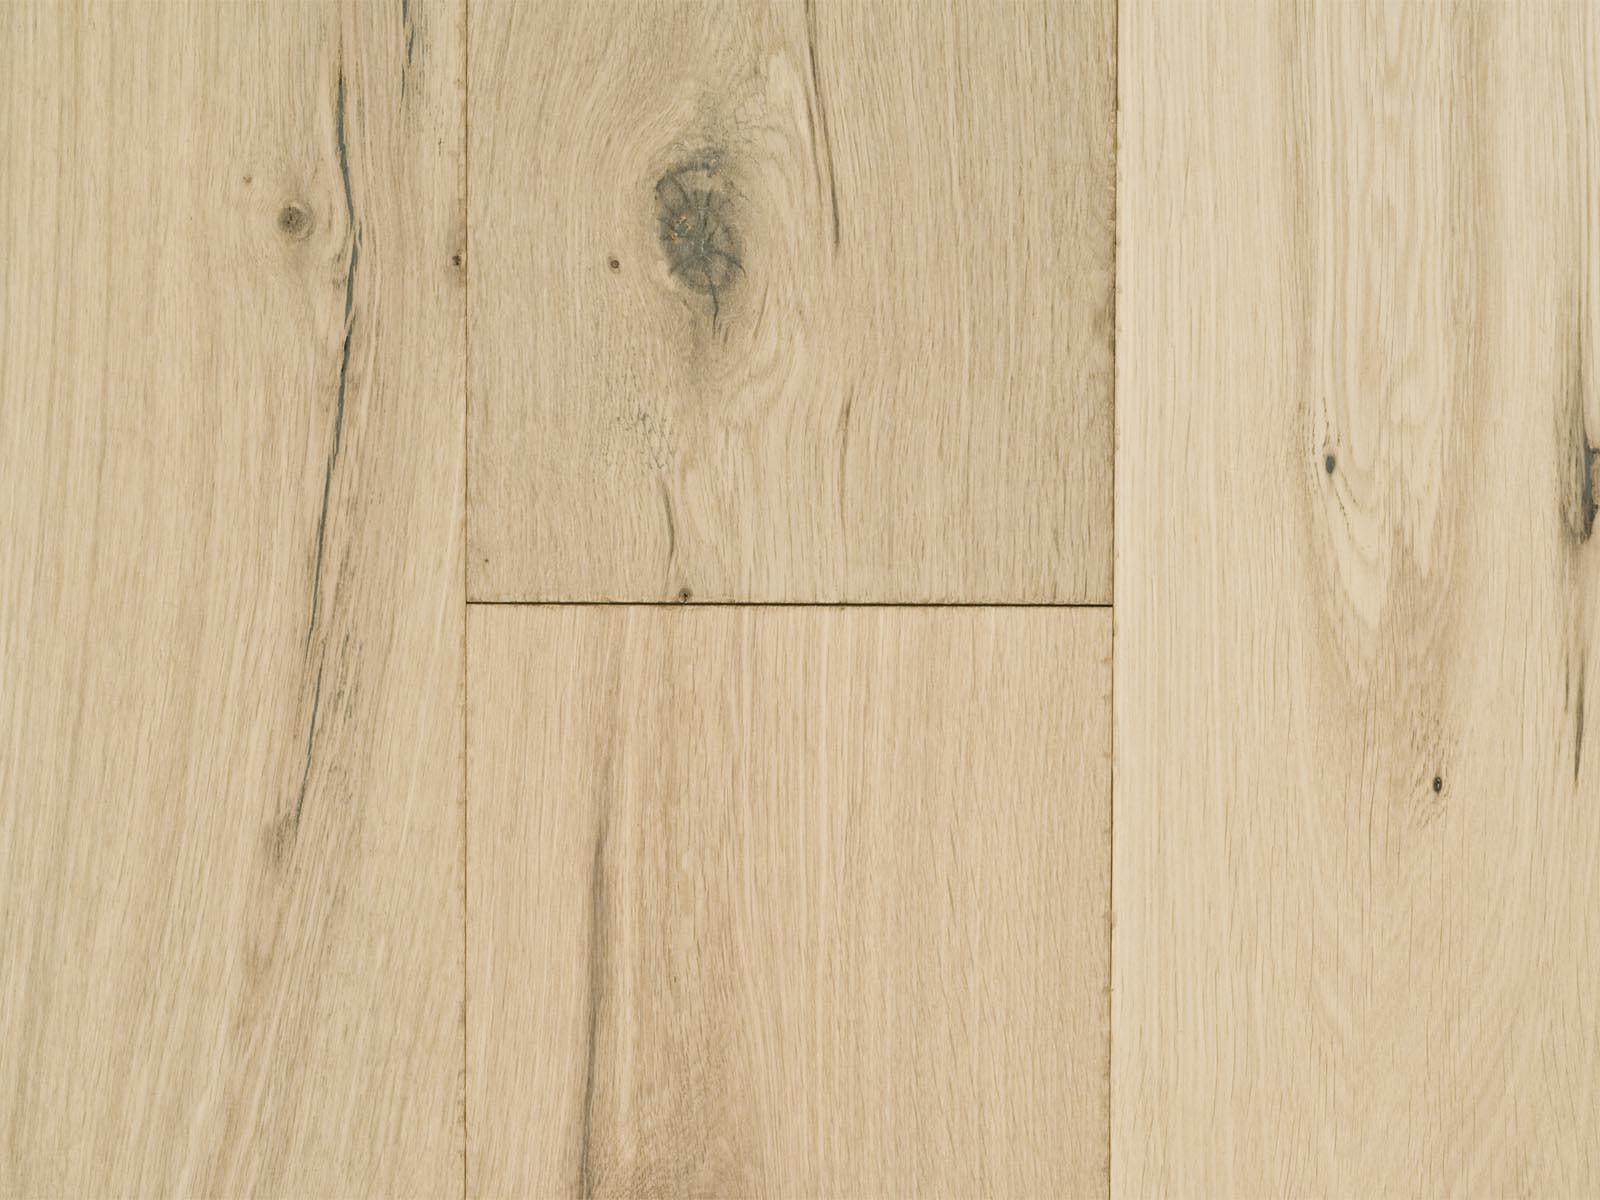 unfinished hardwood flooring houston of duchateau hardwood flooring houston tx discount engineered wood within white oiled european oak